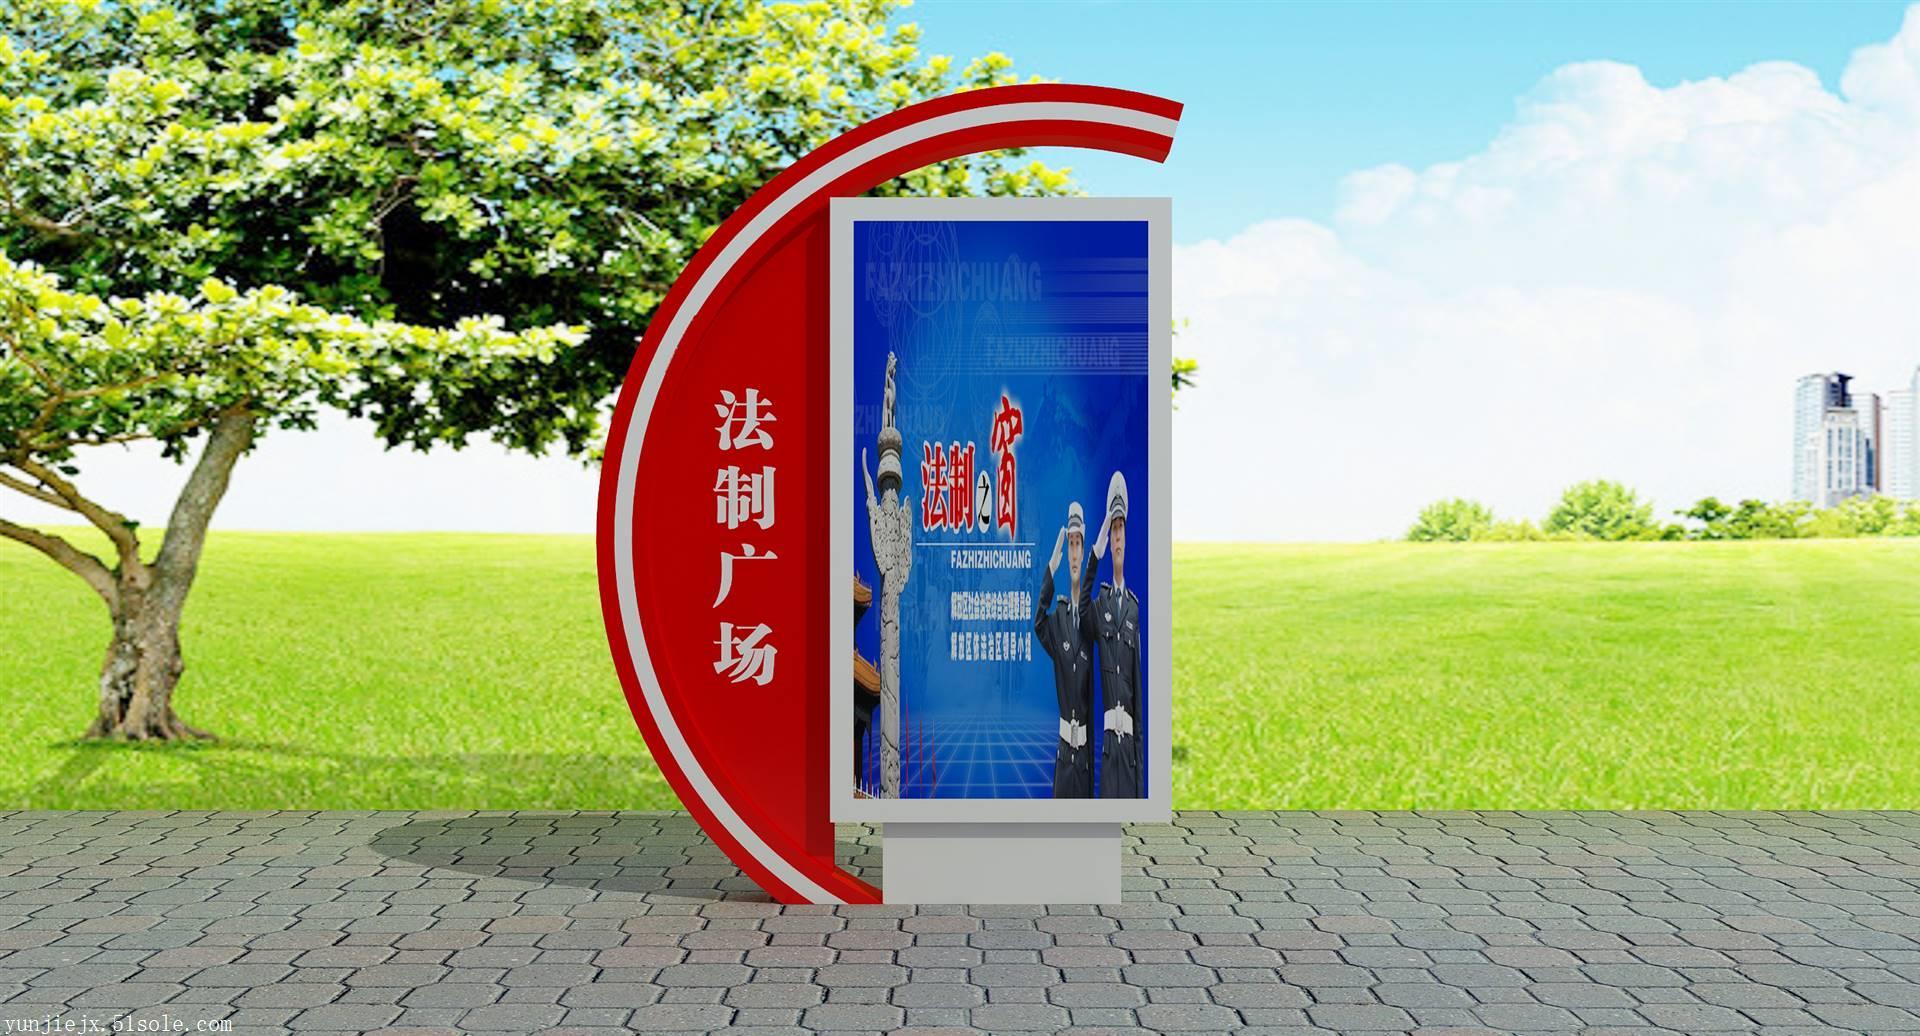 户外不锈钢宣传栏  户外灯箱定做  江苏中道标牌 徐州宣传栏